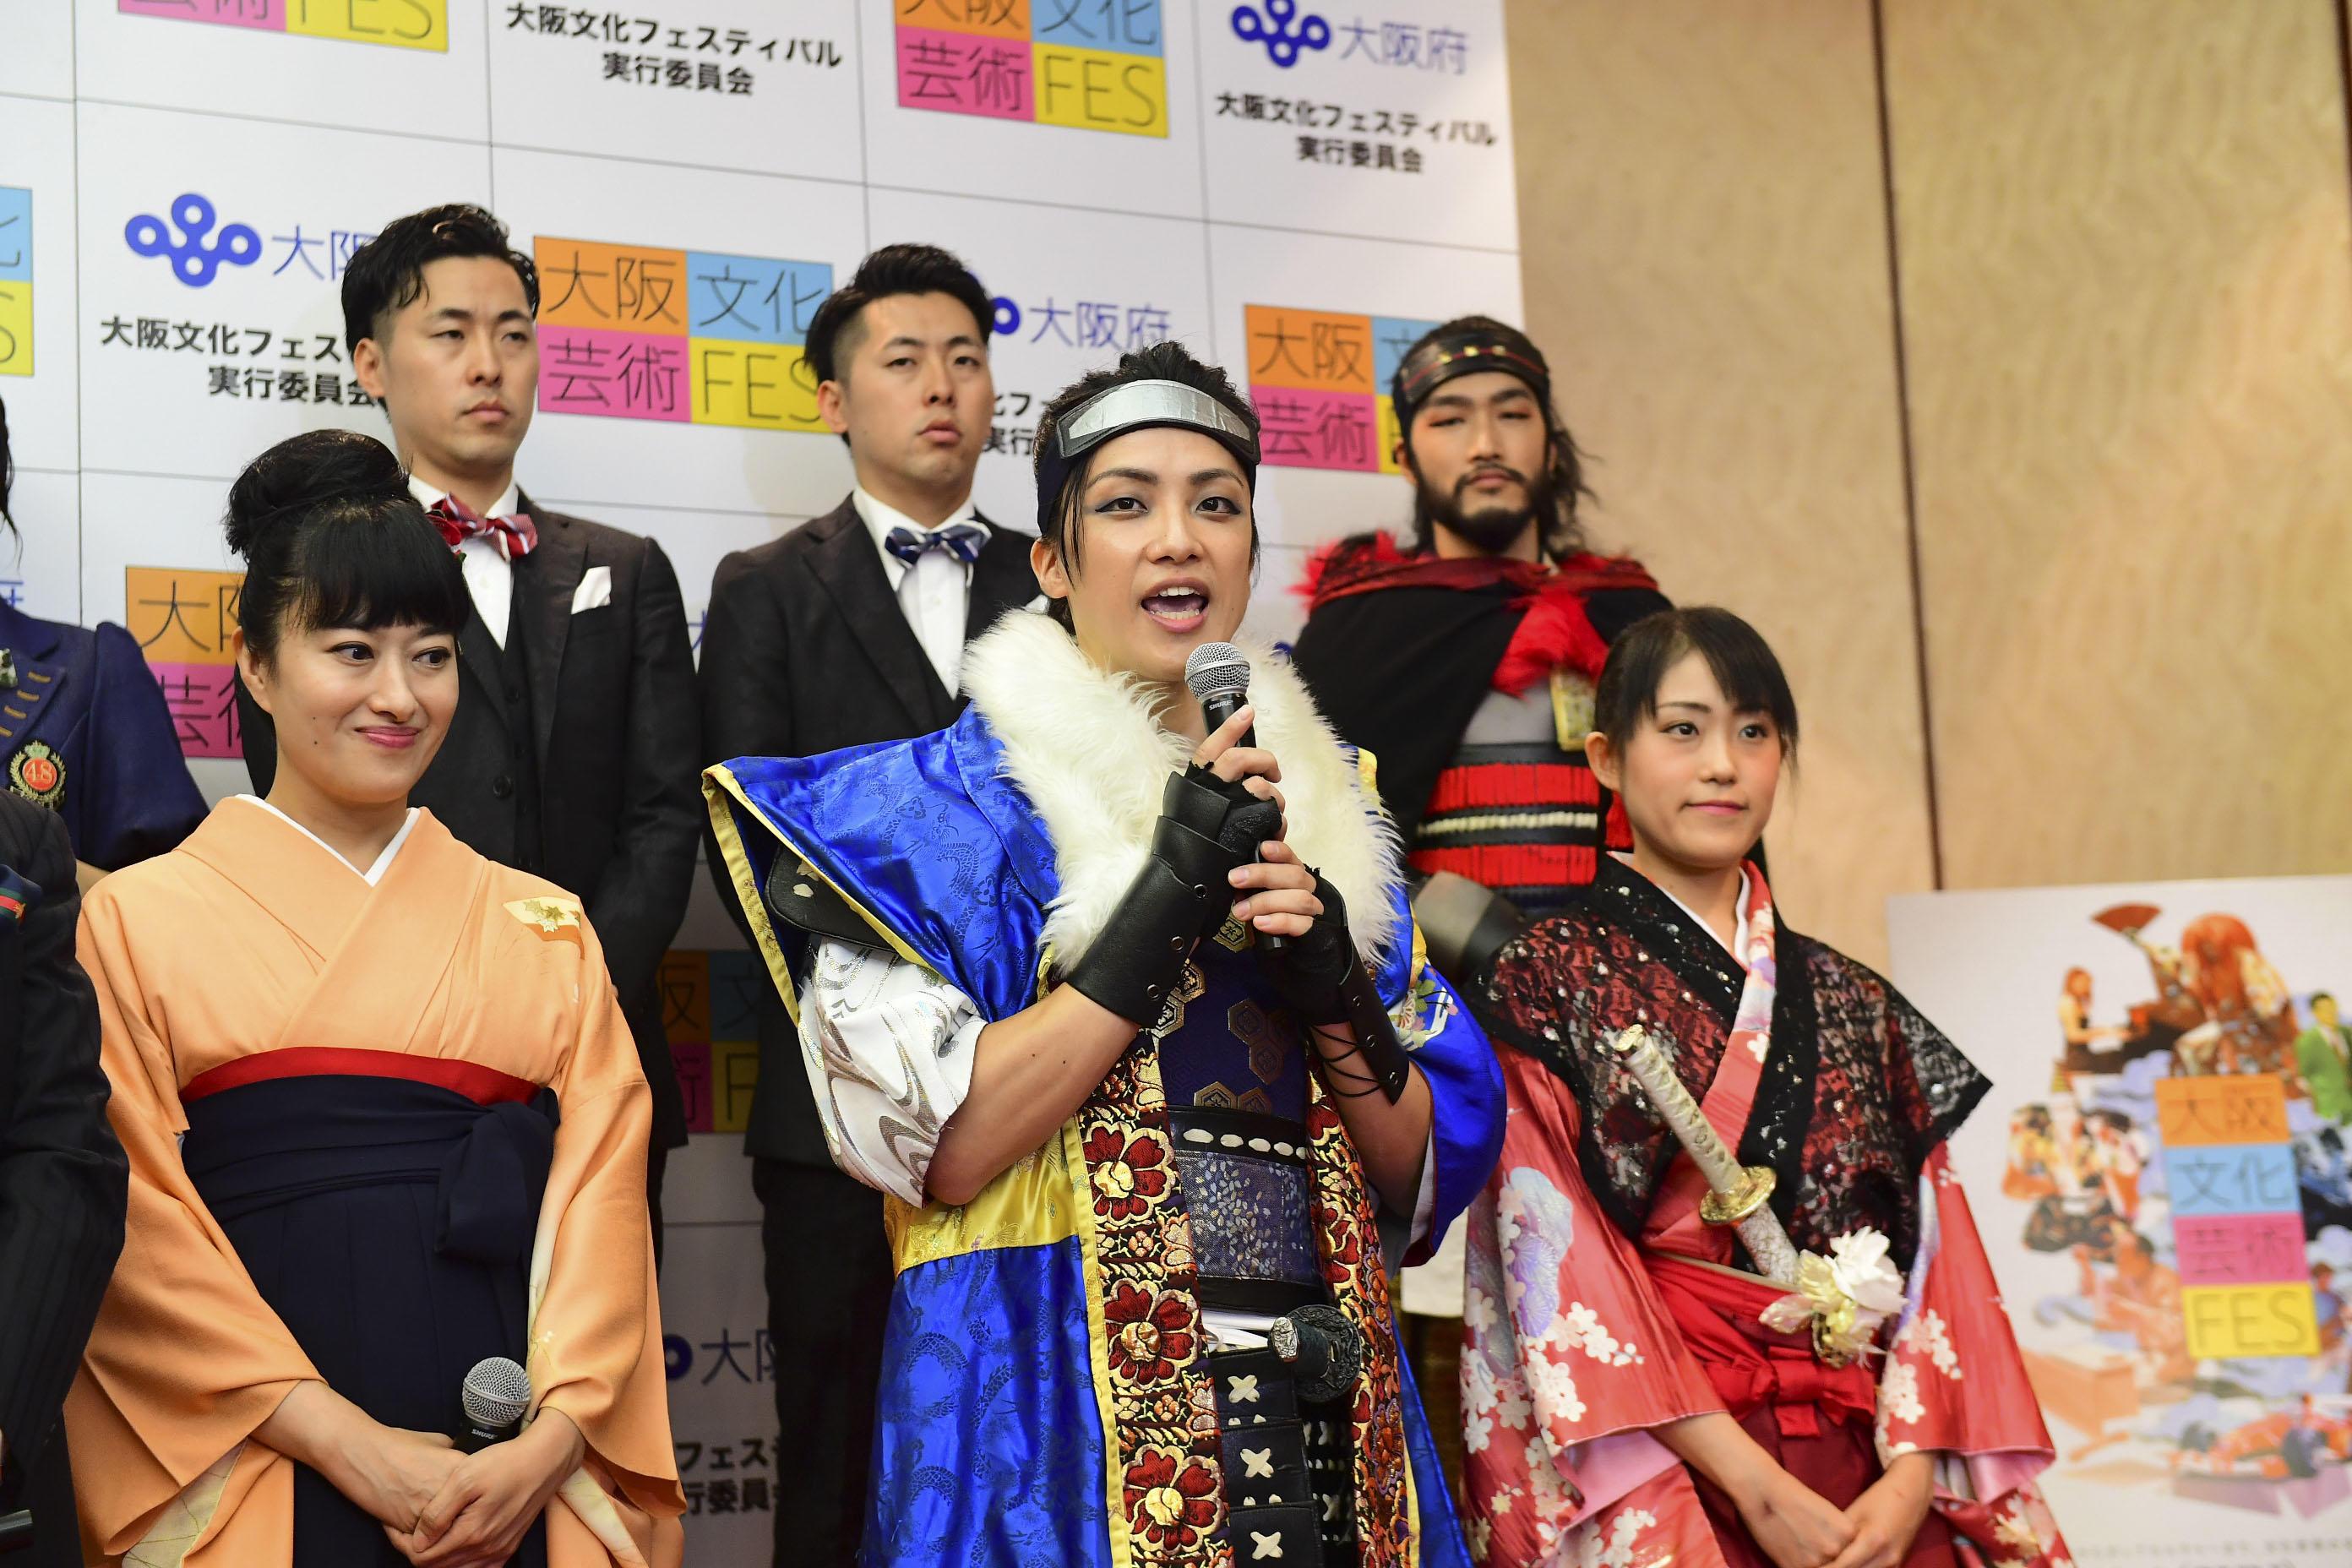 http://news.yoshimoto.co.jp/20170927102318-ed9bb0bc5f123a5b303fa01bcdde5c524393bbc7.jpg